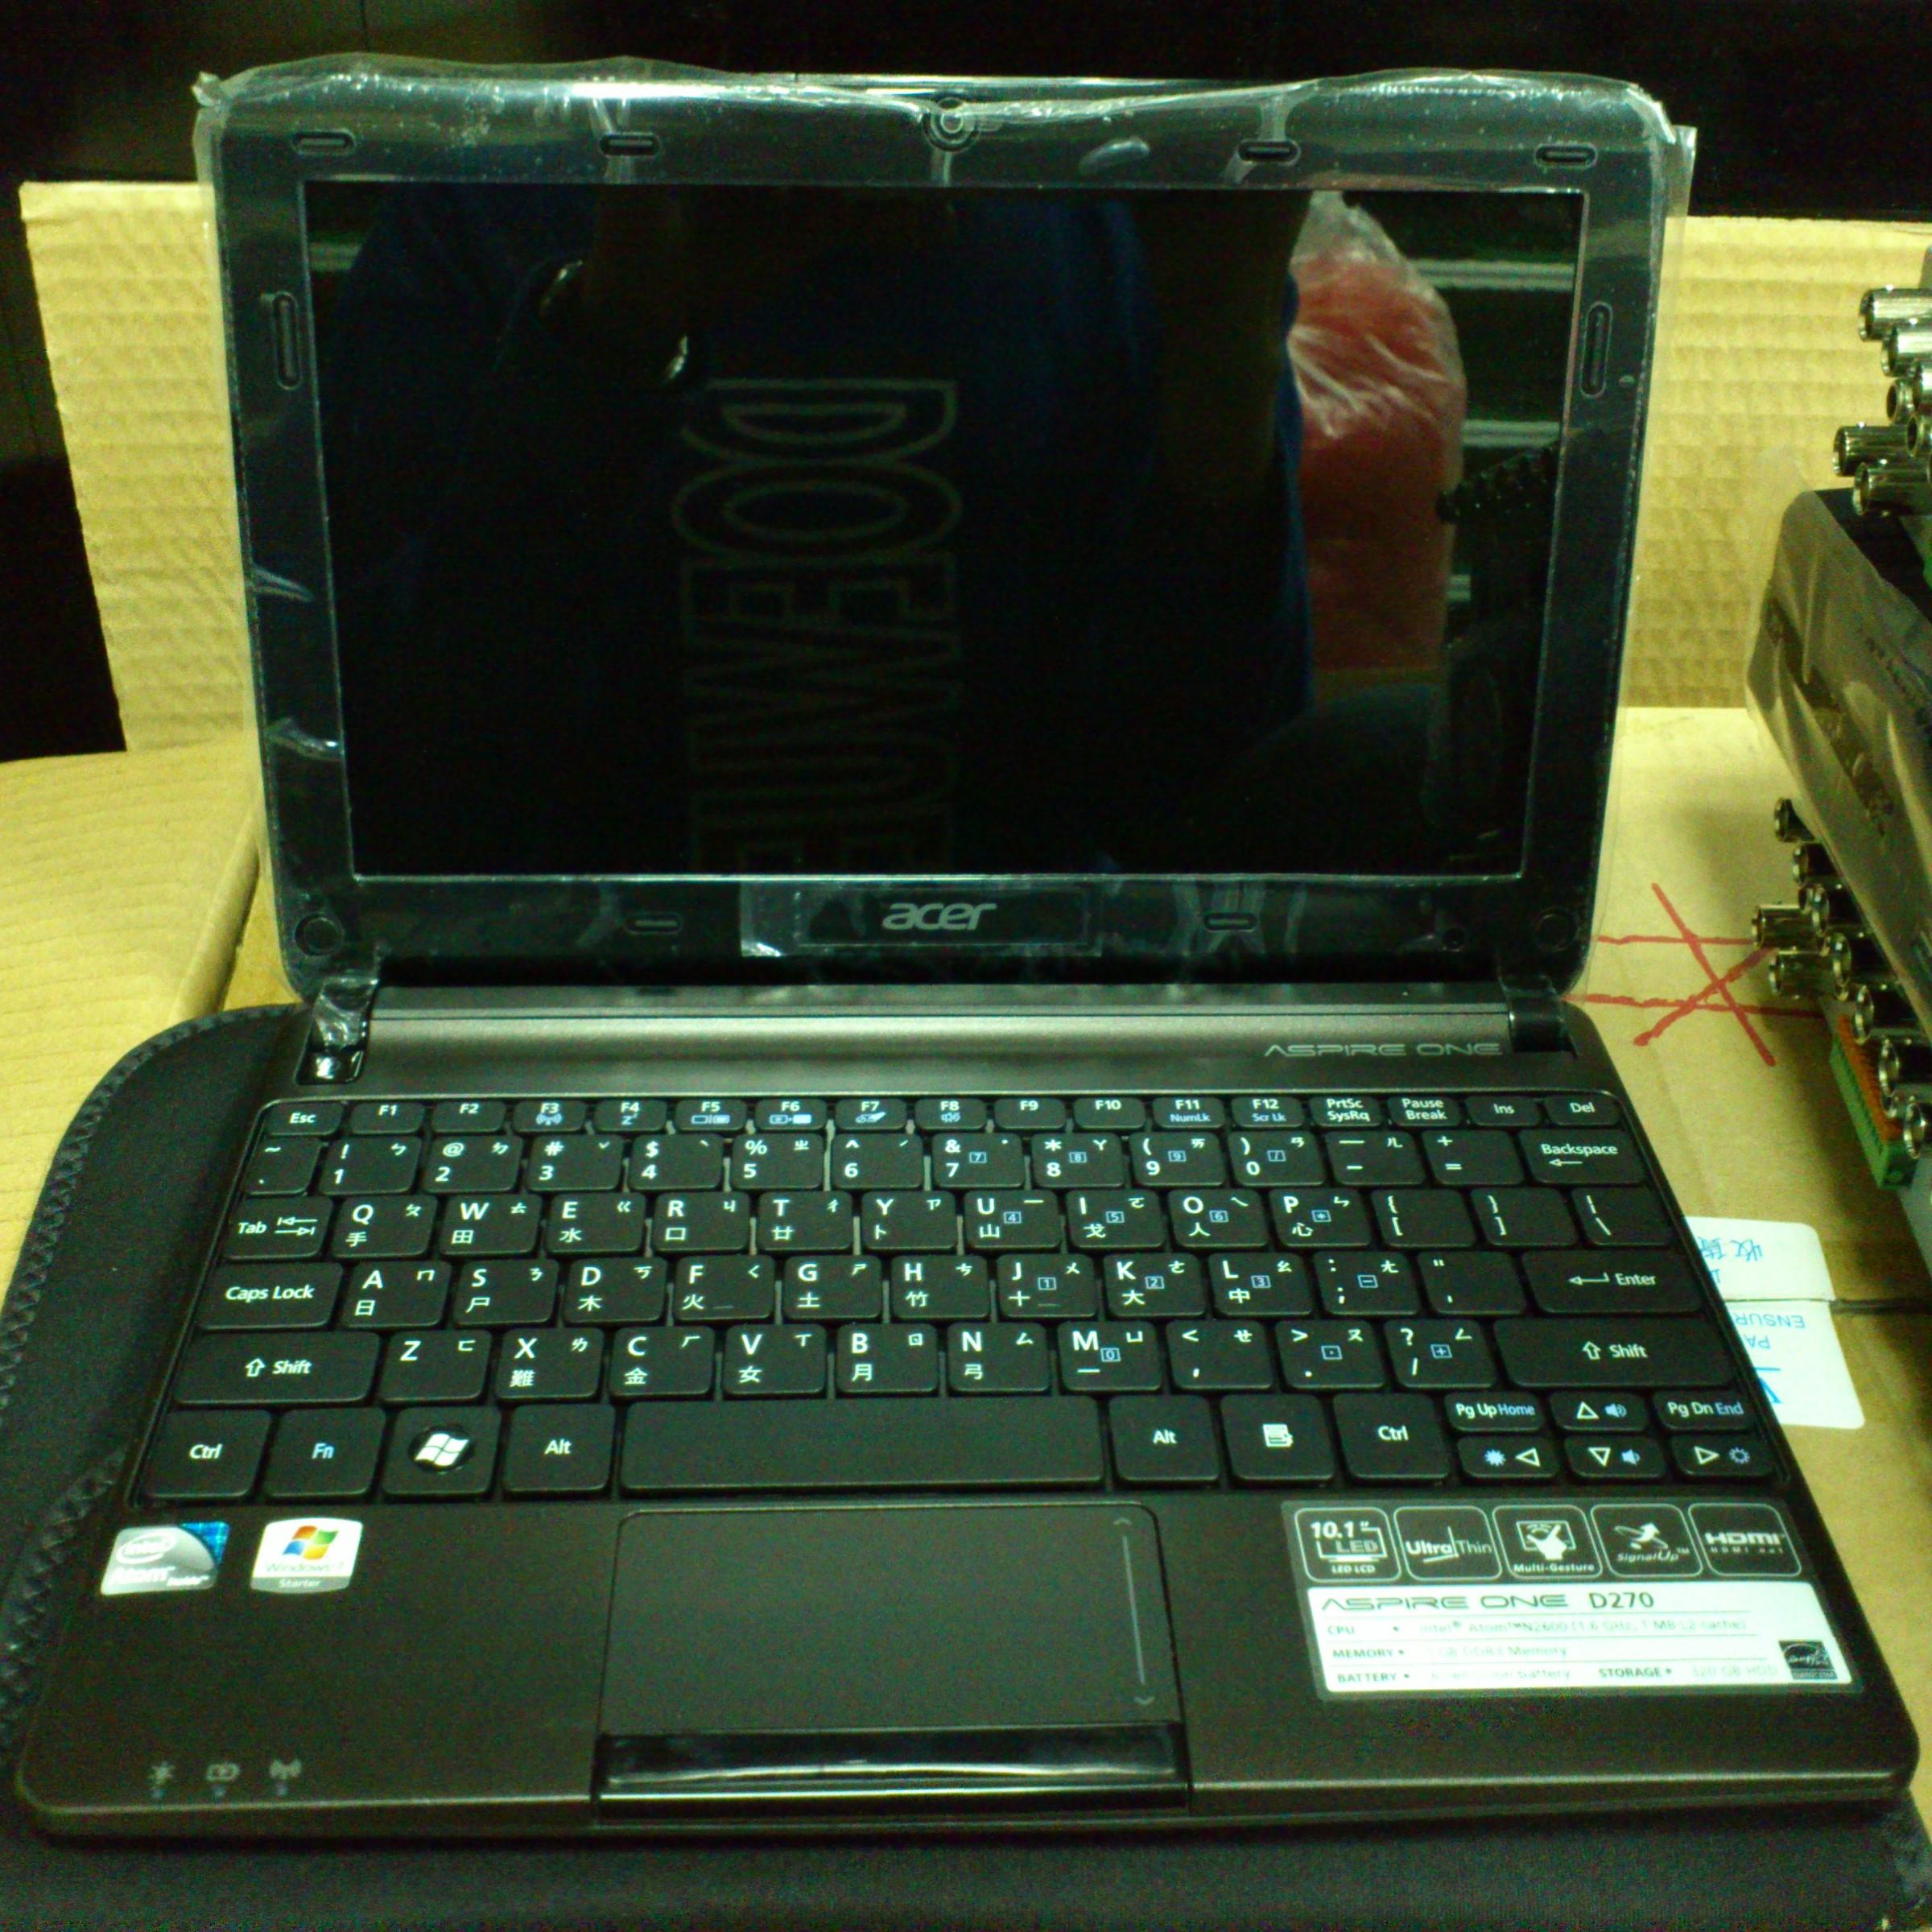 file acer aspire one d270 26dkk 2012 04 24 jpg wikimedia commons rh commons wikimedia org Acer Aspire One D270 Manual Acer Aspire One D257 Manual